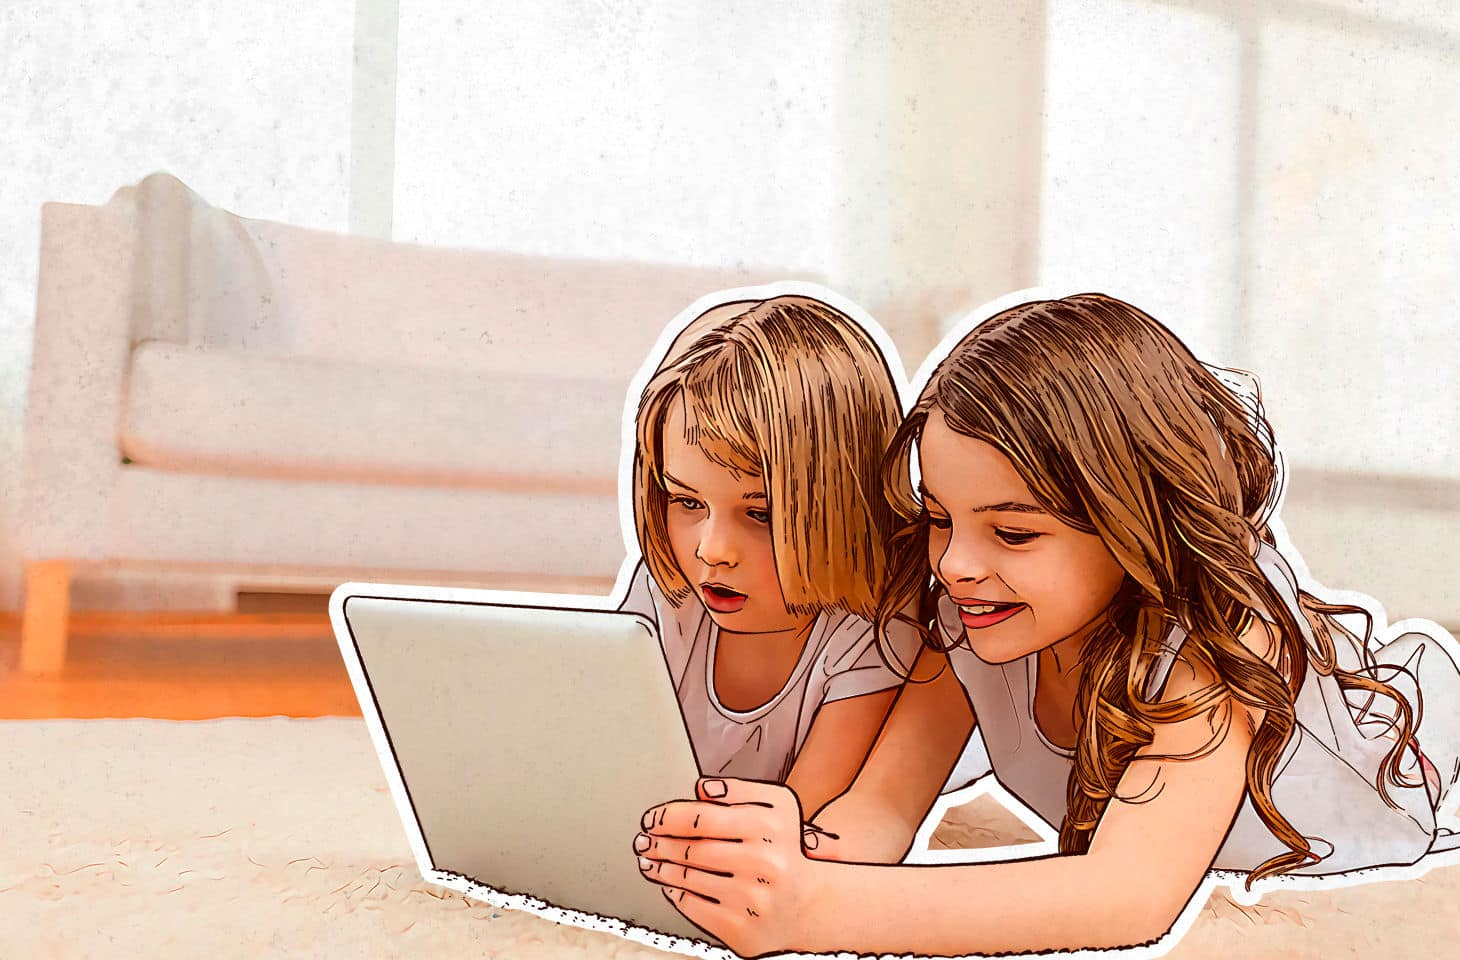 Kaspersky: Comment protéger vos enfants des contenus indésirables sur iPad et iPhone ? - 2017 - 2018